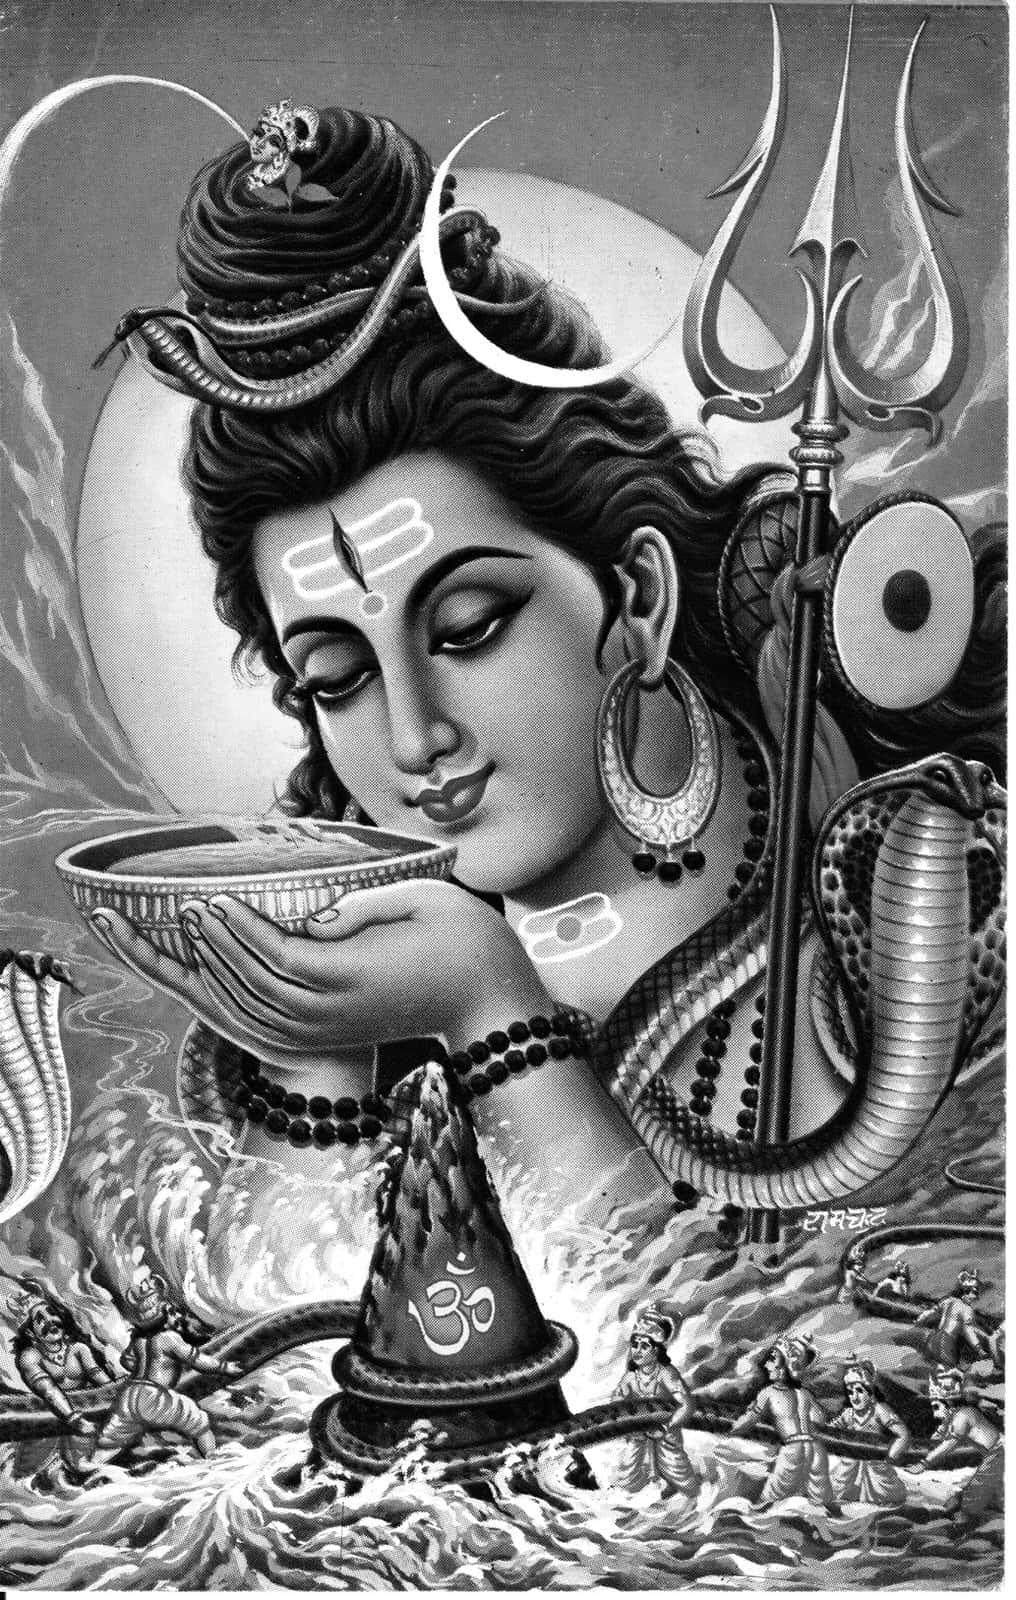 印度諸神皆有戲:攪拌海洋獲得不老不死靈藥——乳海攪拌事件